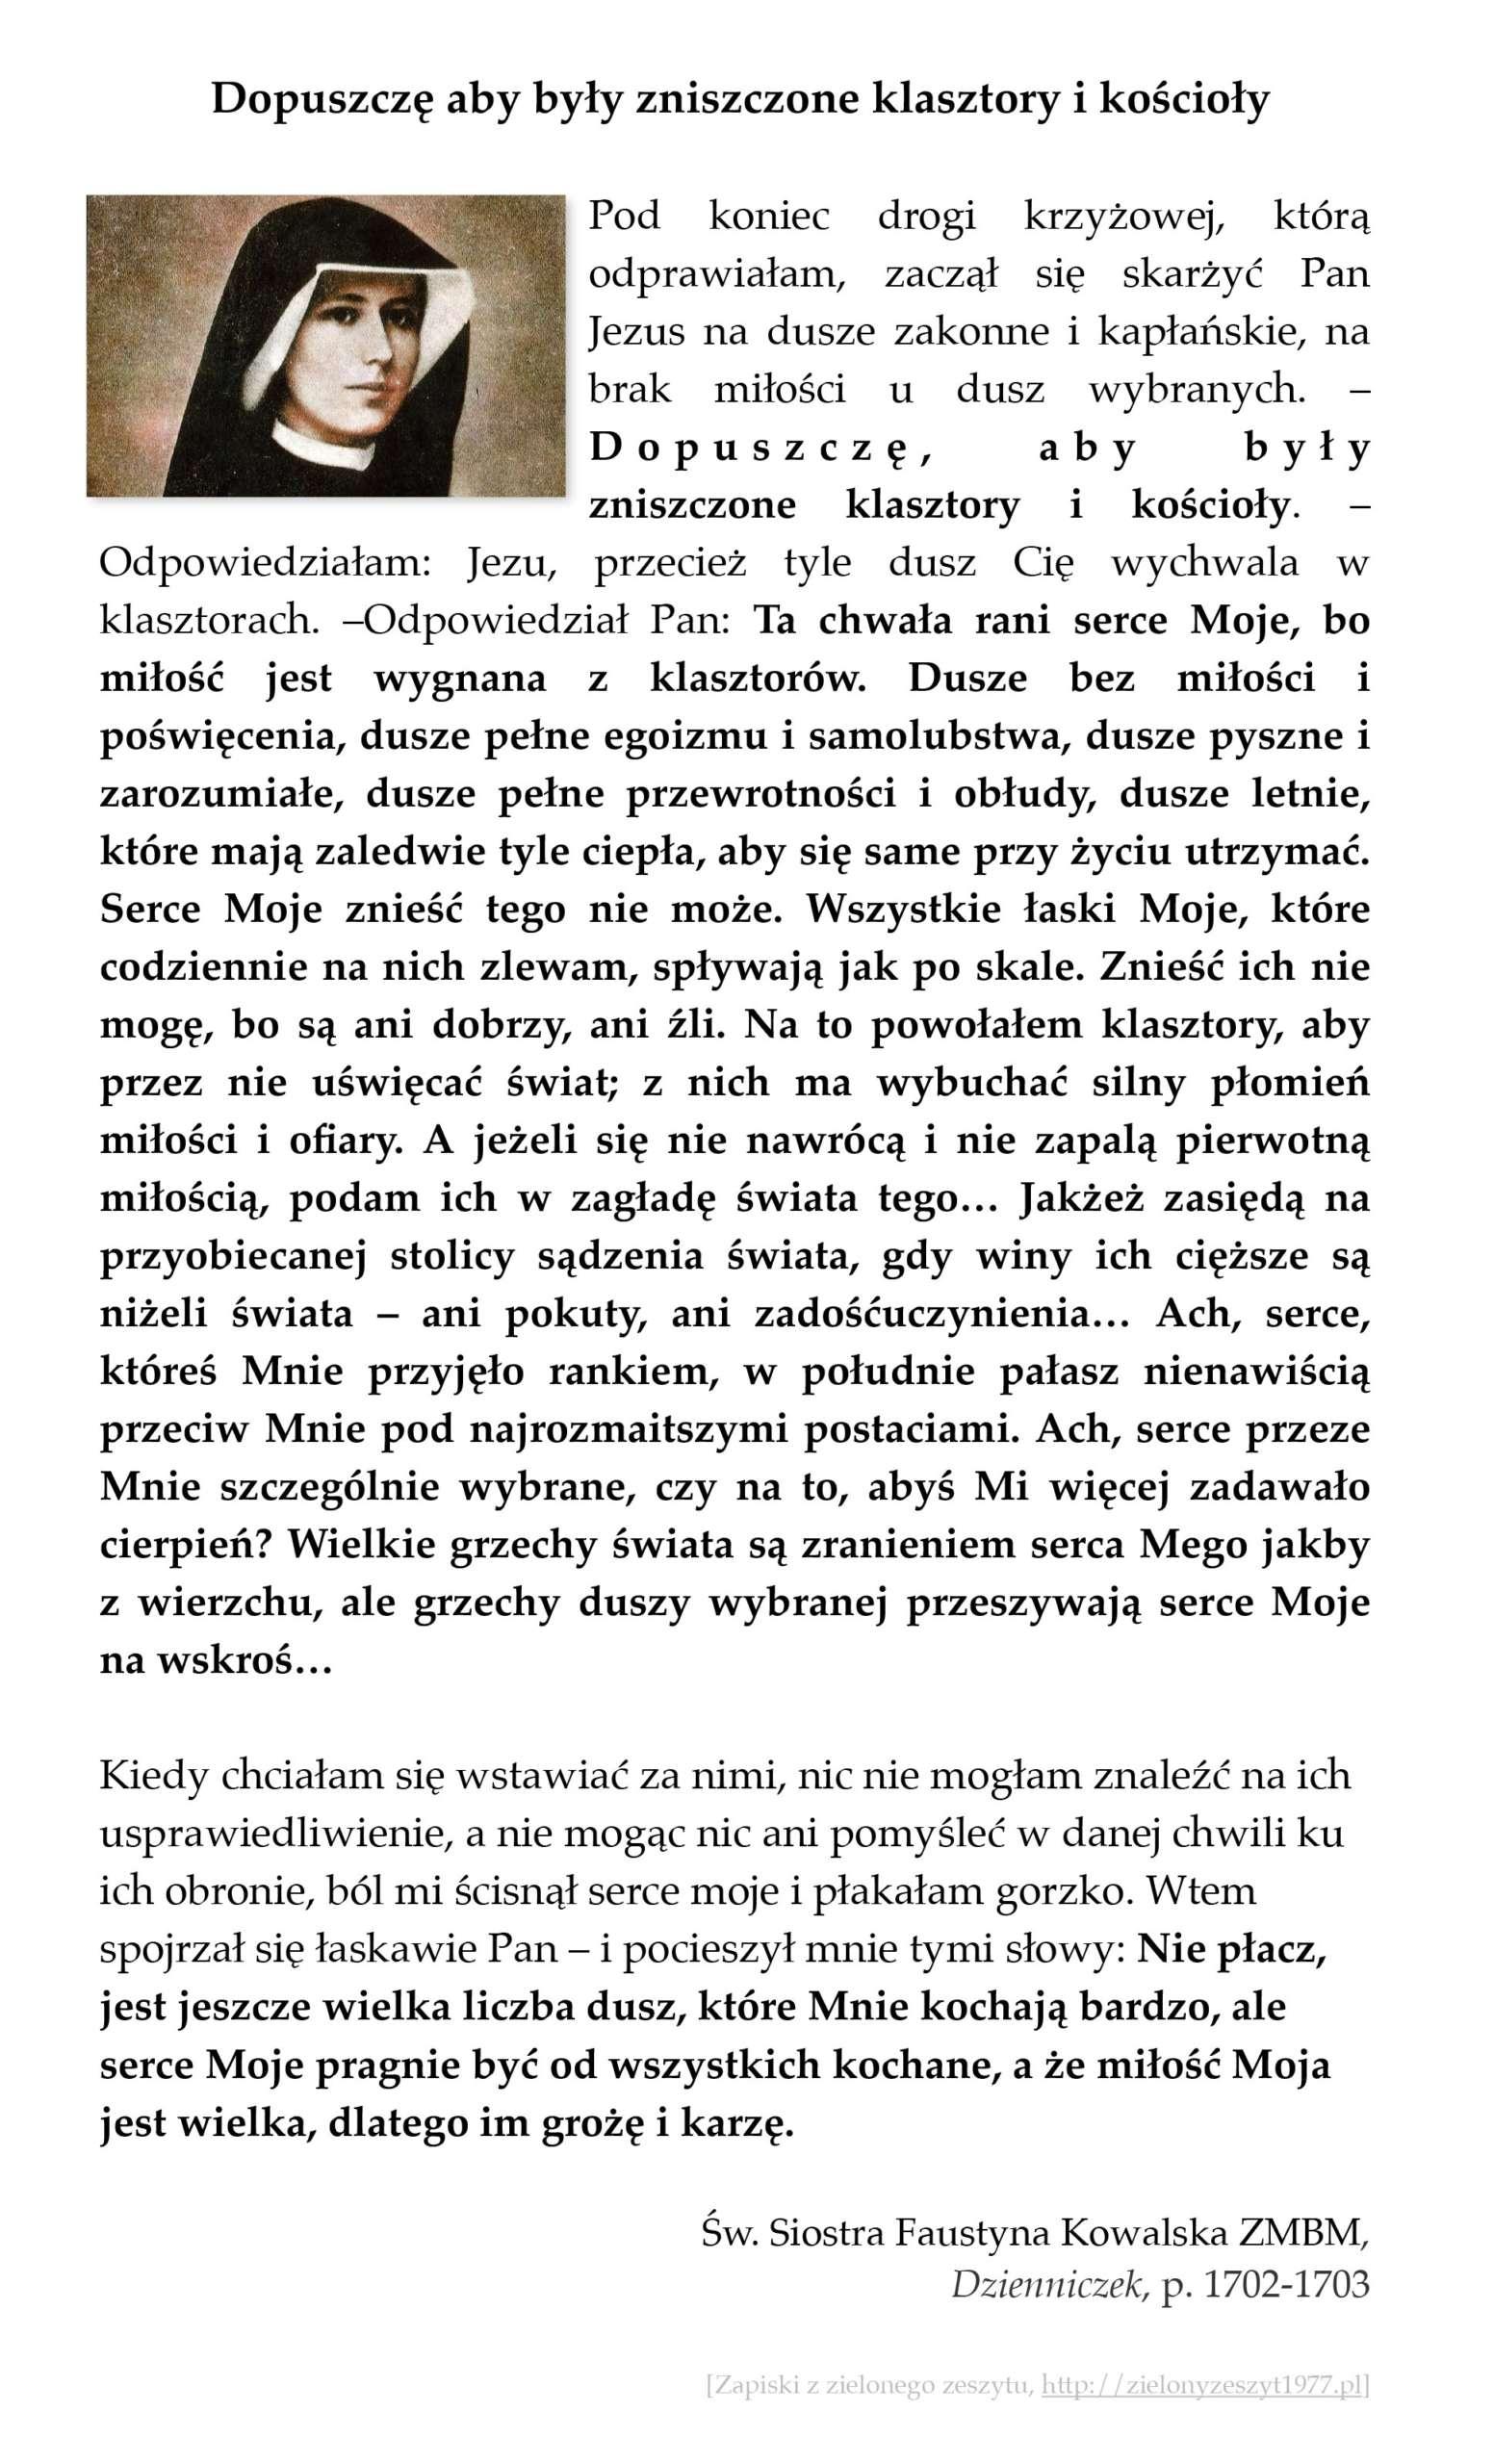 """Św. Siostra Faustyna Kowalska ZMBM, """"Dzienniczek"""", p. 1702-1703 (Dopuszczę aby były zniszczone klasztory i kościoły)"""